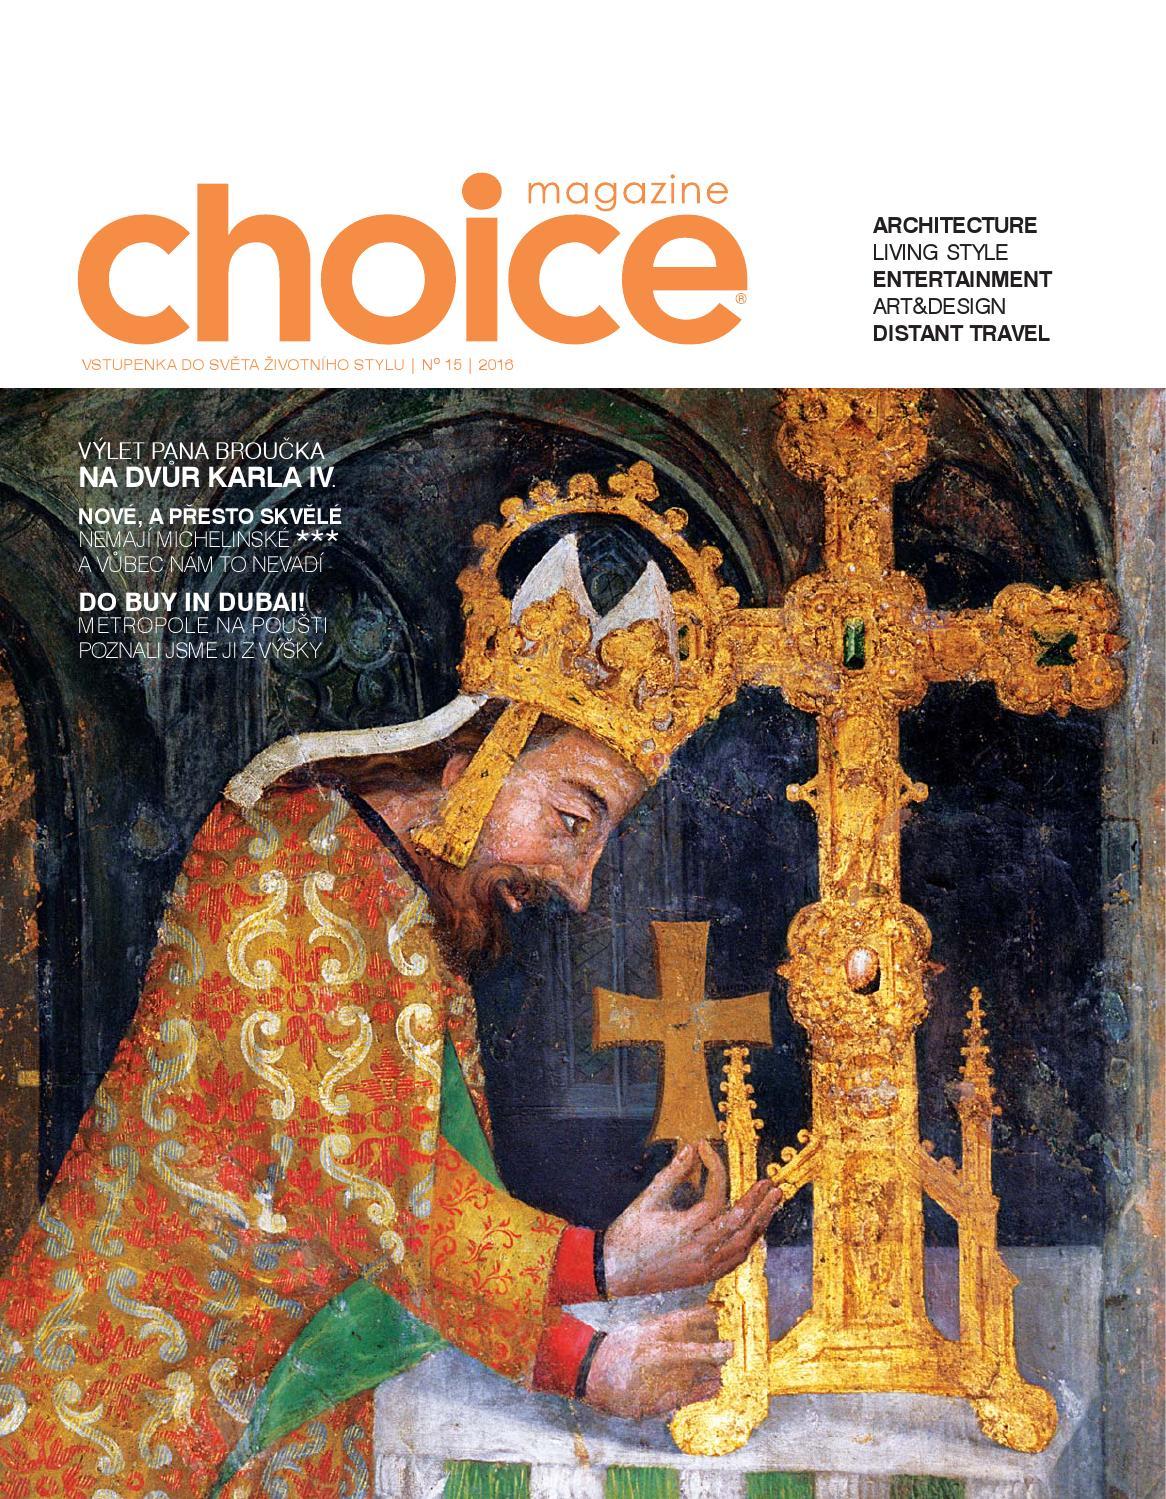 284f79d61 Choice magazine #15 by Choice Magazín - issuu